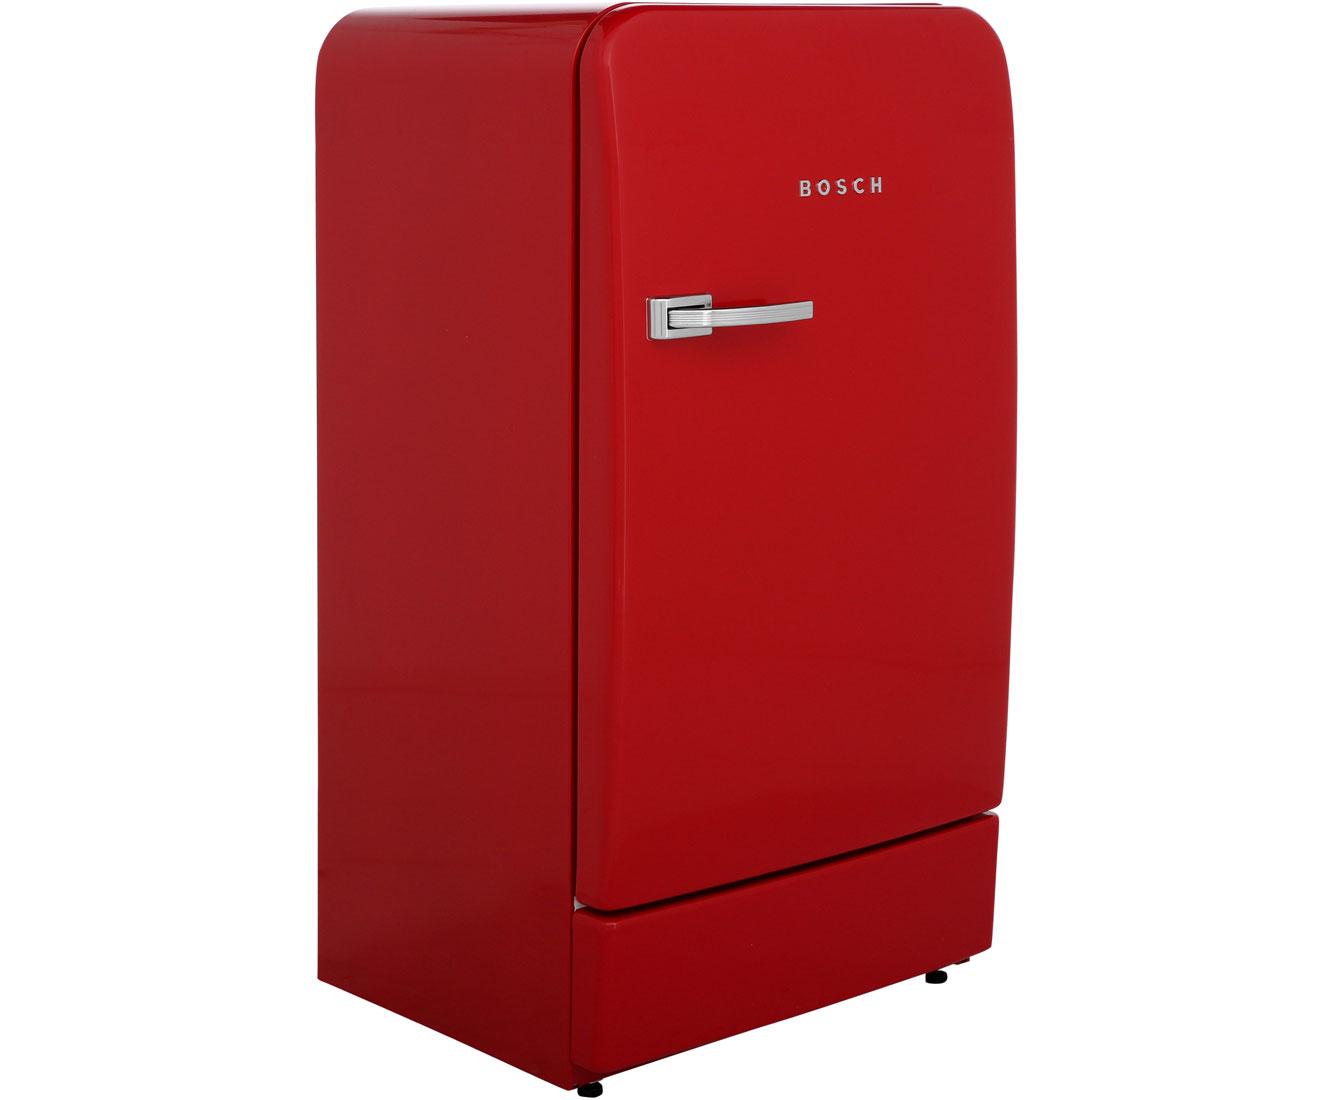 Bosch Kühlschrank Innen Nass : Bosch kühlschrank innen nass reparaturanleitung bosch smi m eu